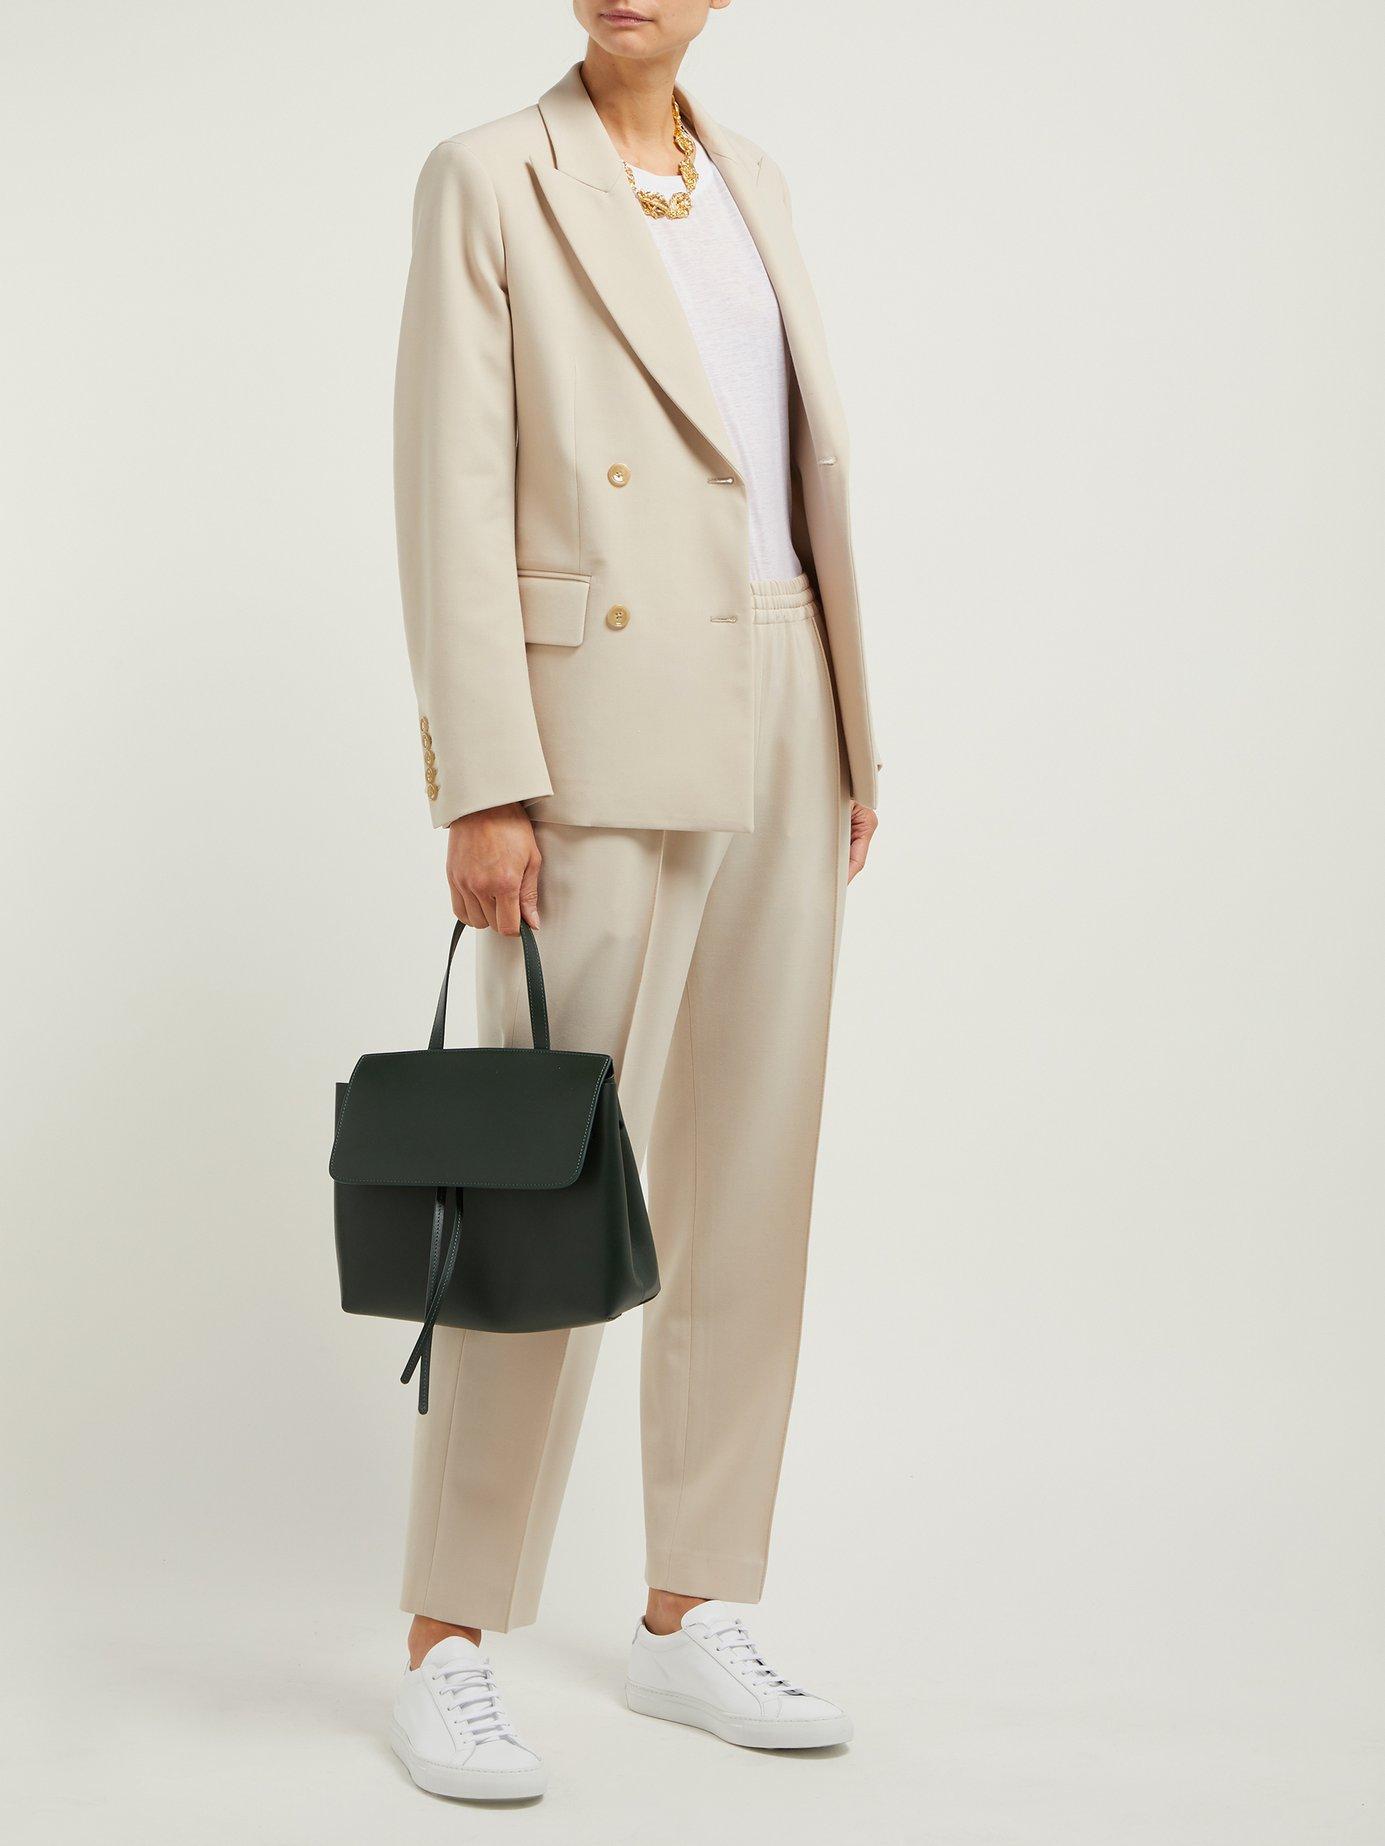 2d706d8d314d Lyst - Mansur Gavriel Mini Lady Leather Cross Body Bag in Green